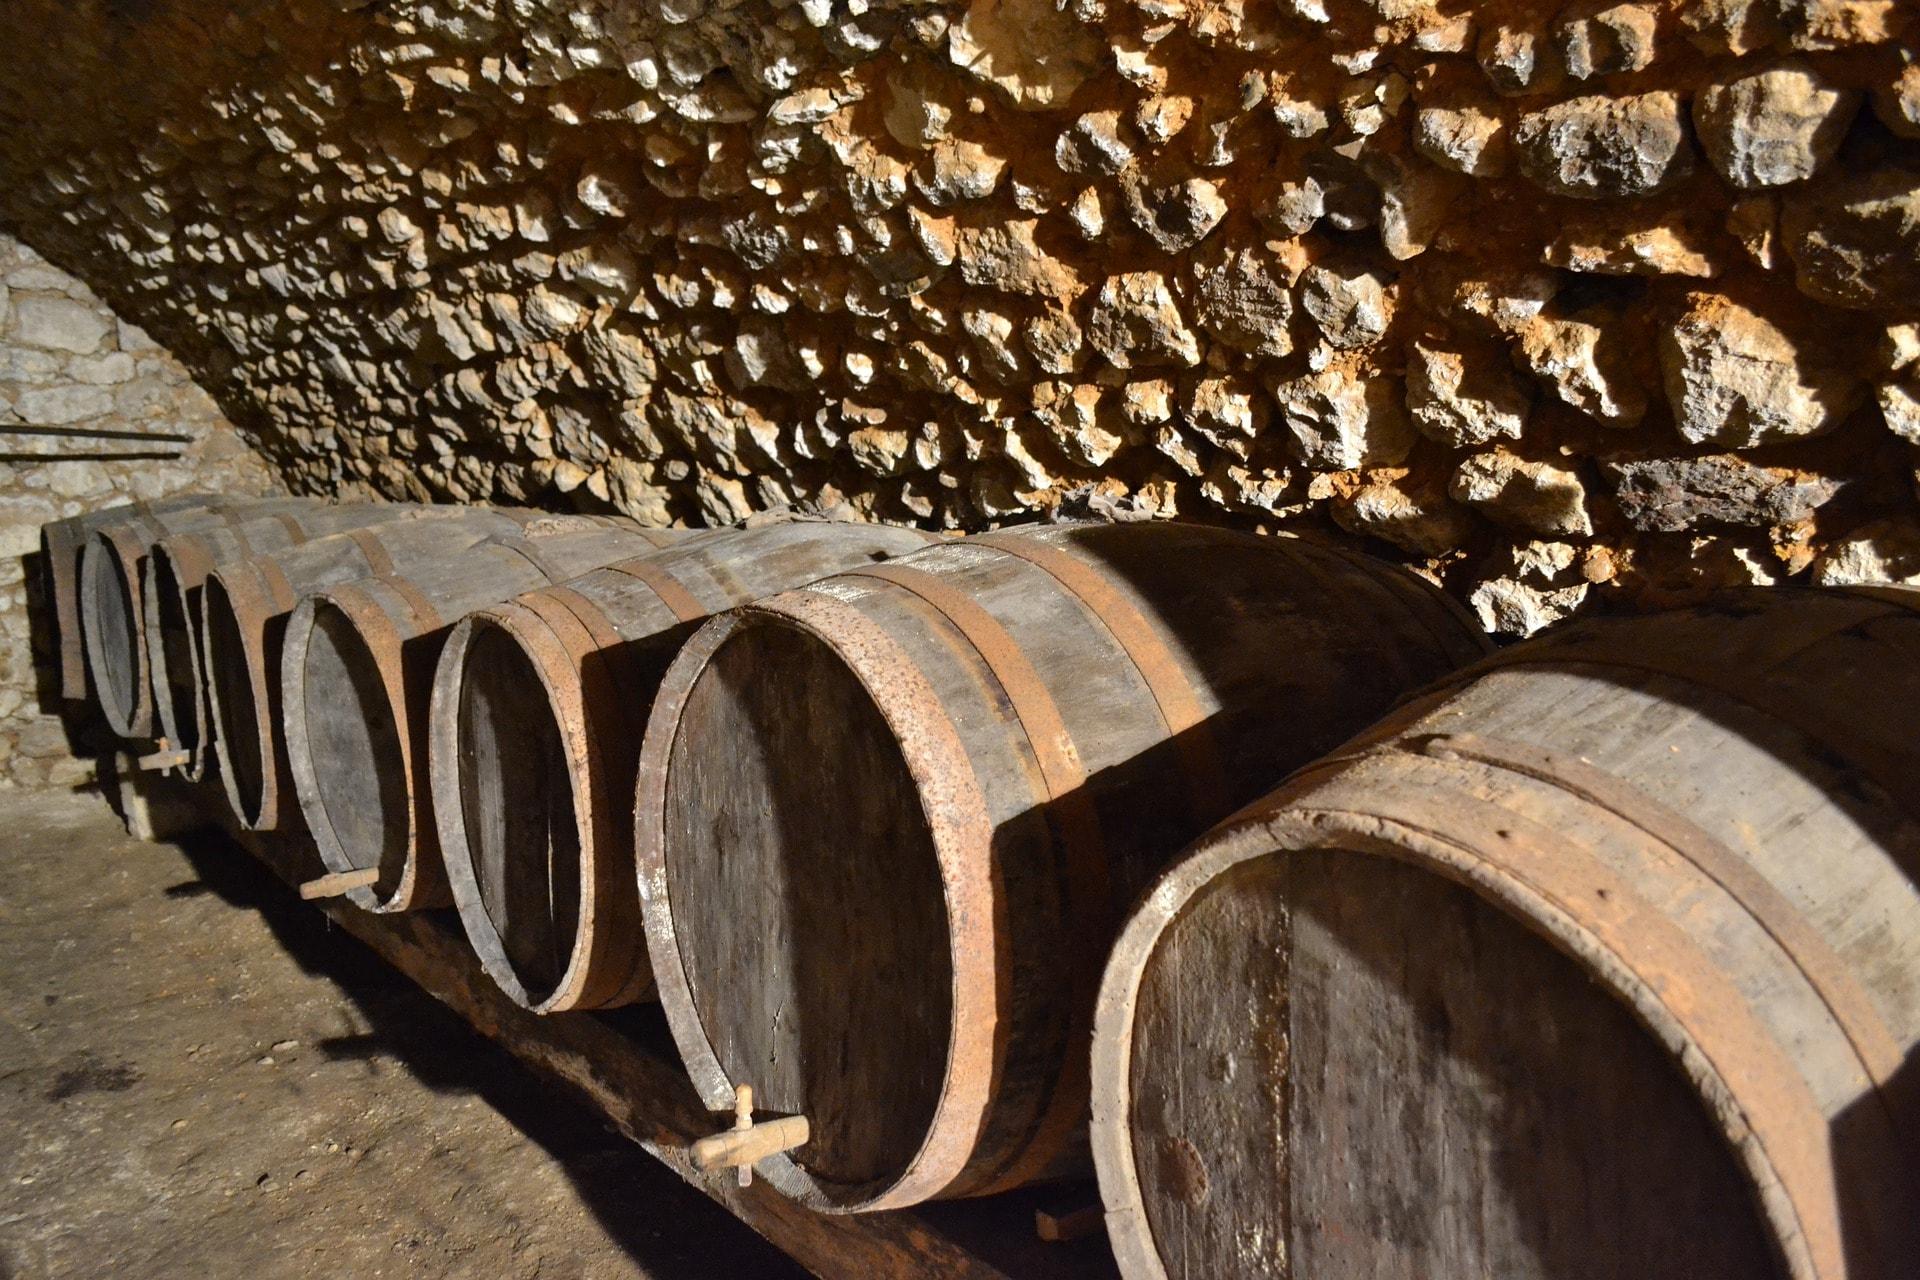 Des vins avec un peu d'élevage et quelques années de vieillesse offrent des tanins soyeux pour accompagner les arômes savoureux de l'agneau